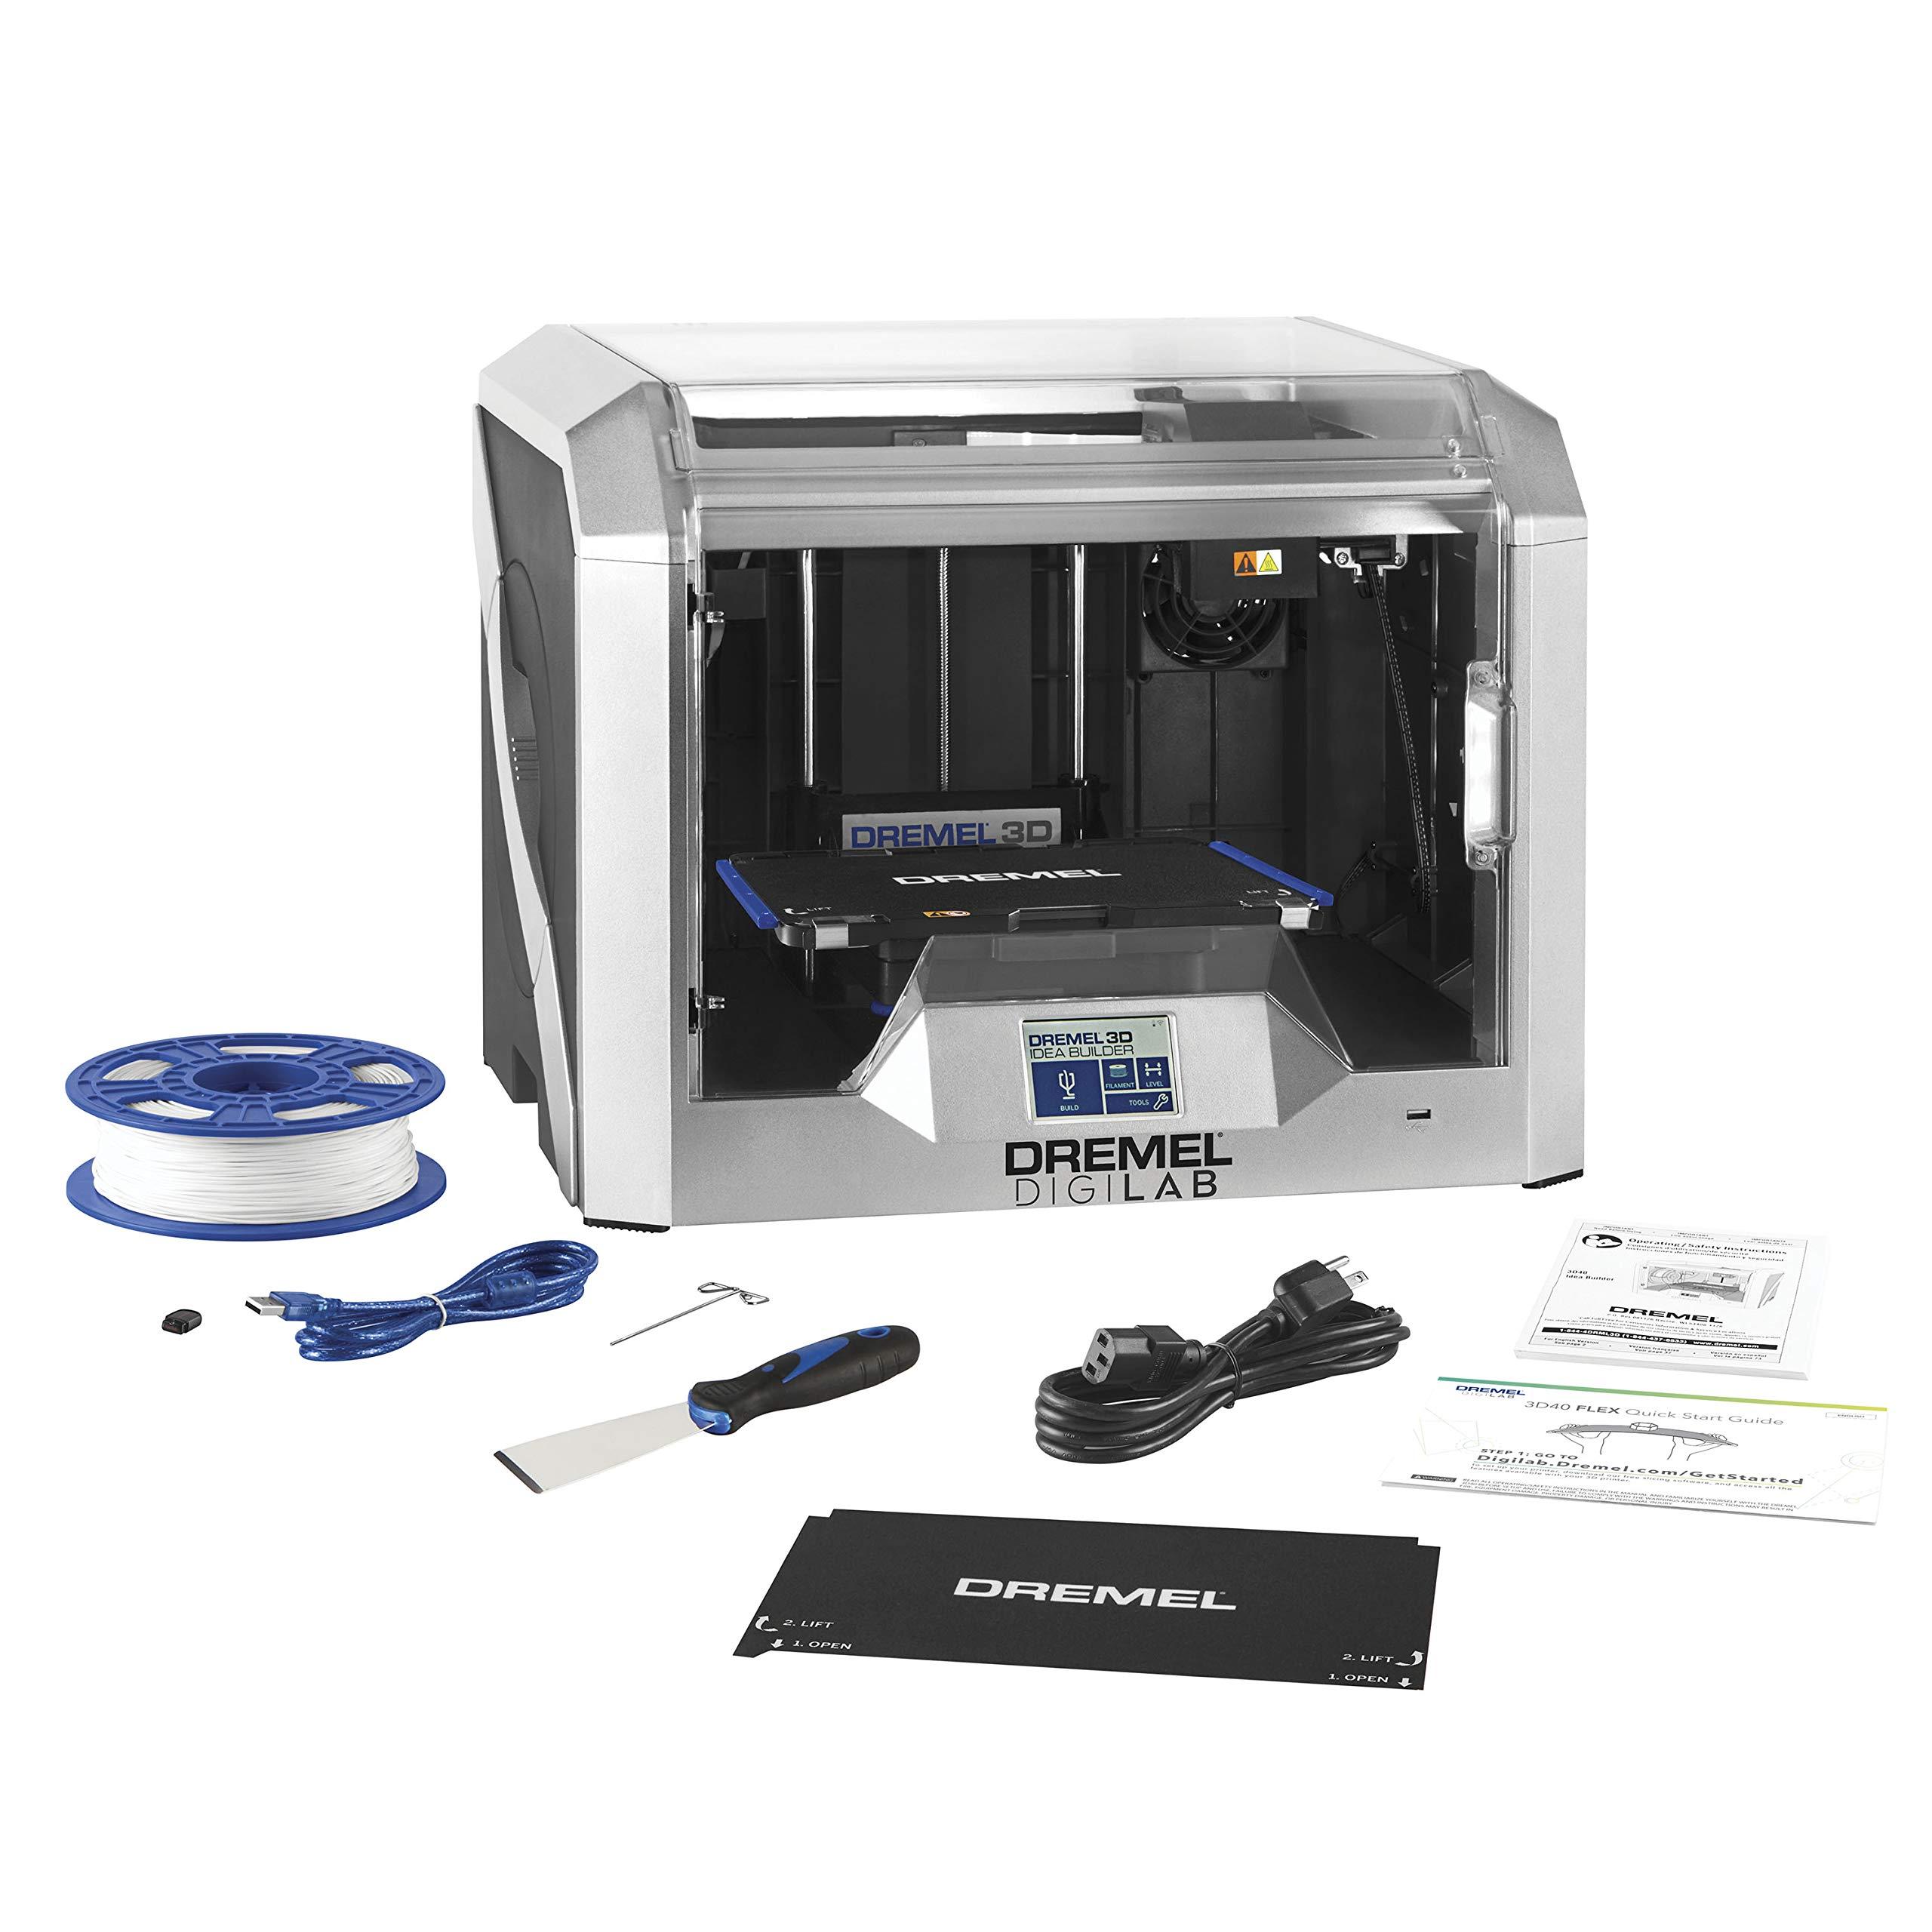 Dremel Digilab 3D40 3D Printer